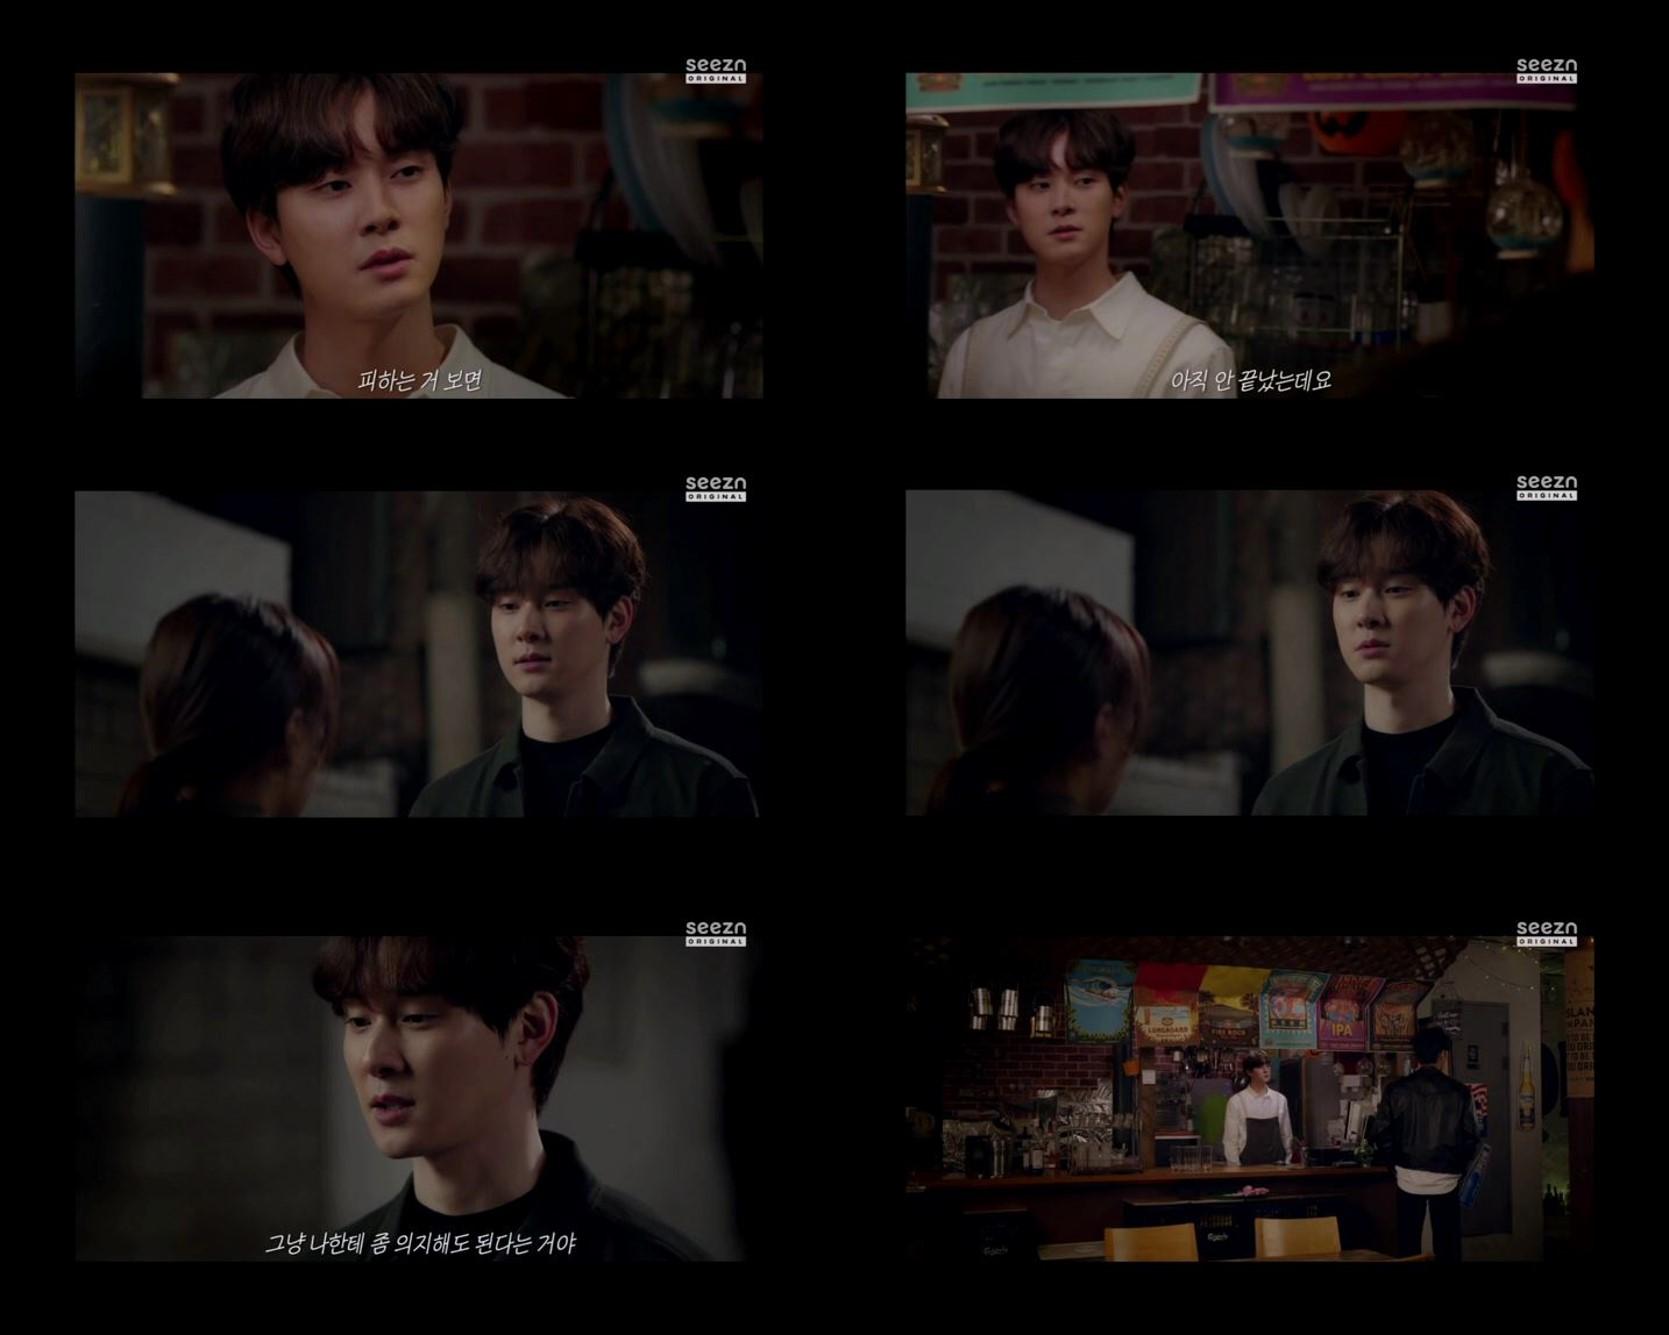 정효준, 웹드라마 '로맨스, 토킹' 종영 소감 전달